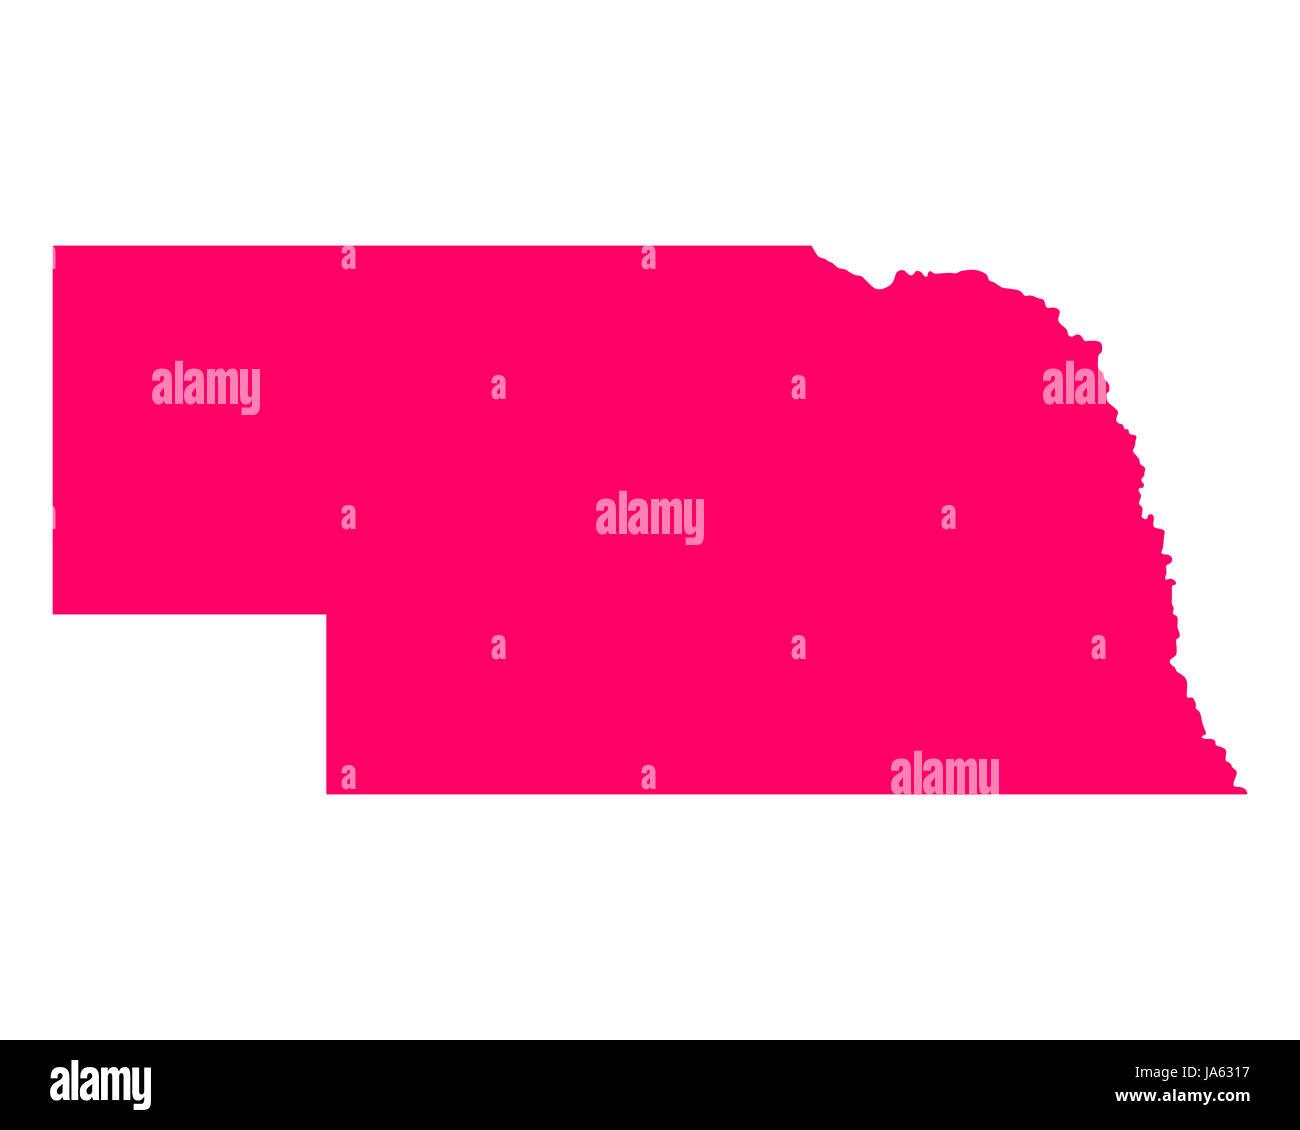 Karte von Nebraska - Stock Image